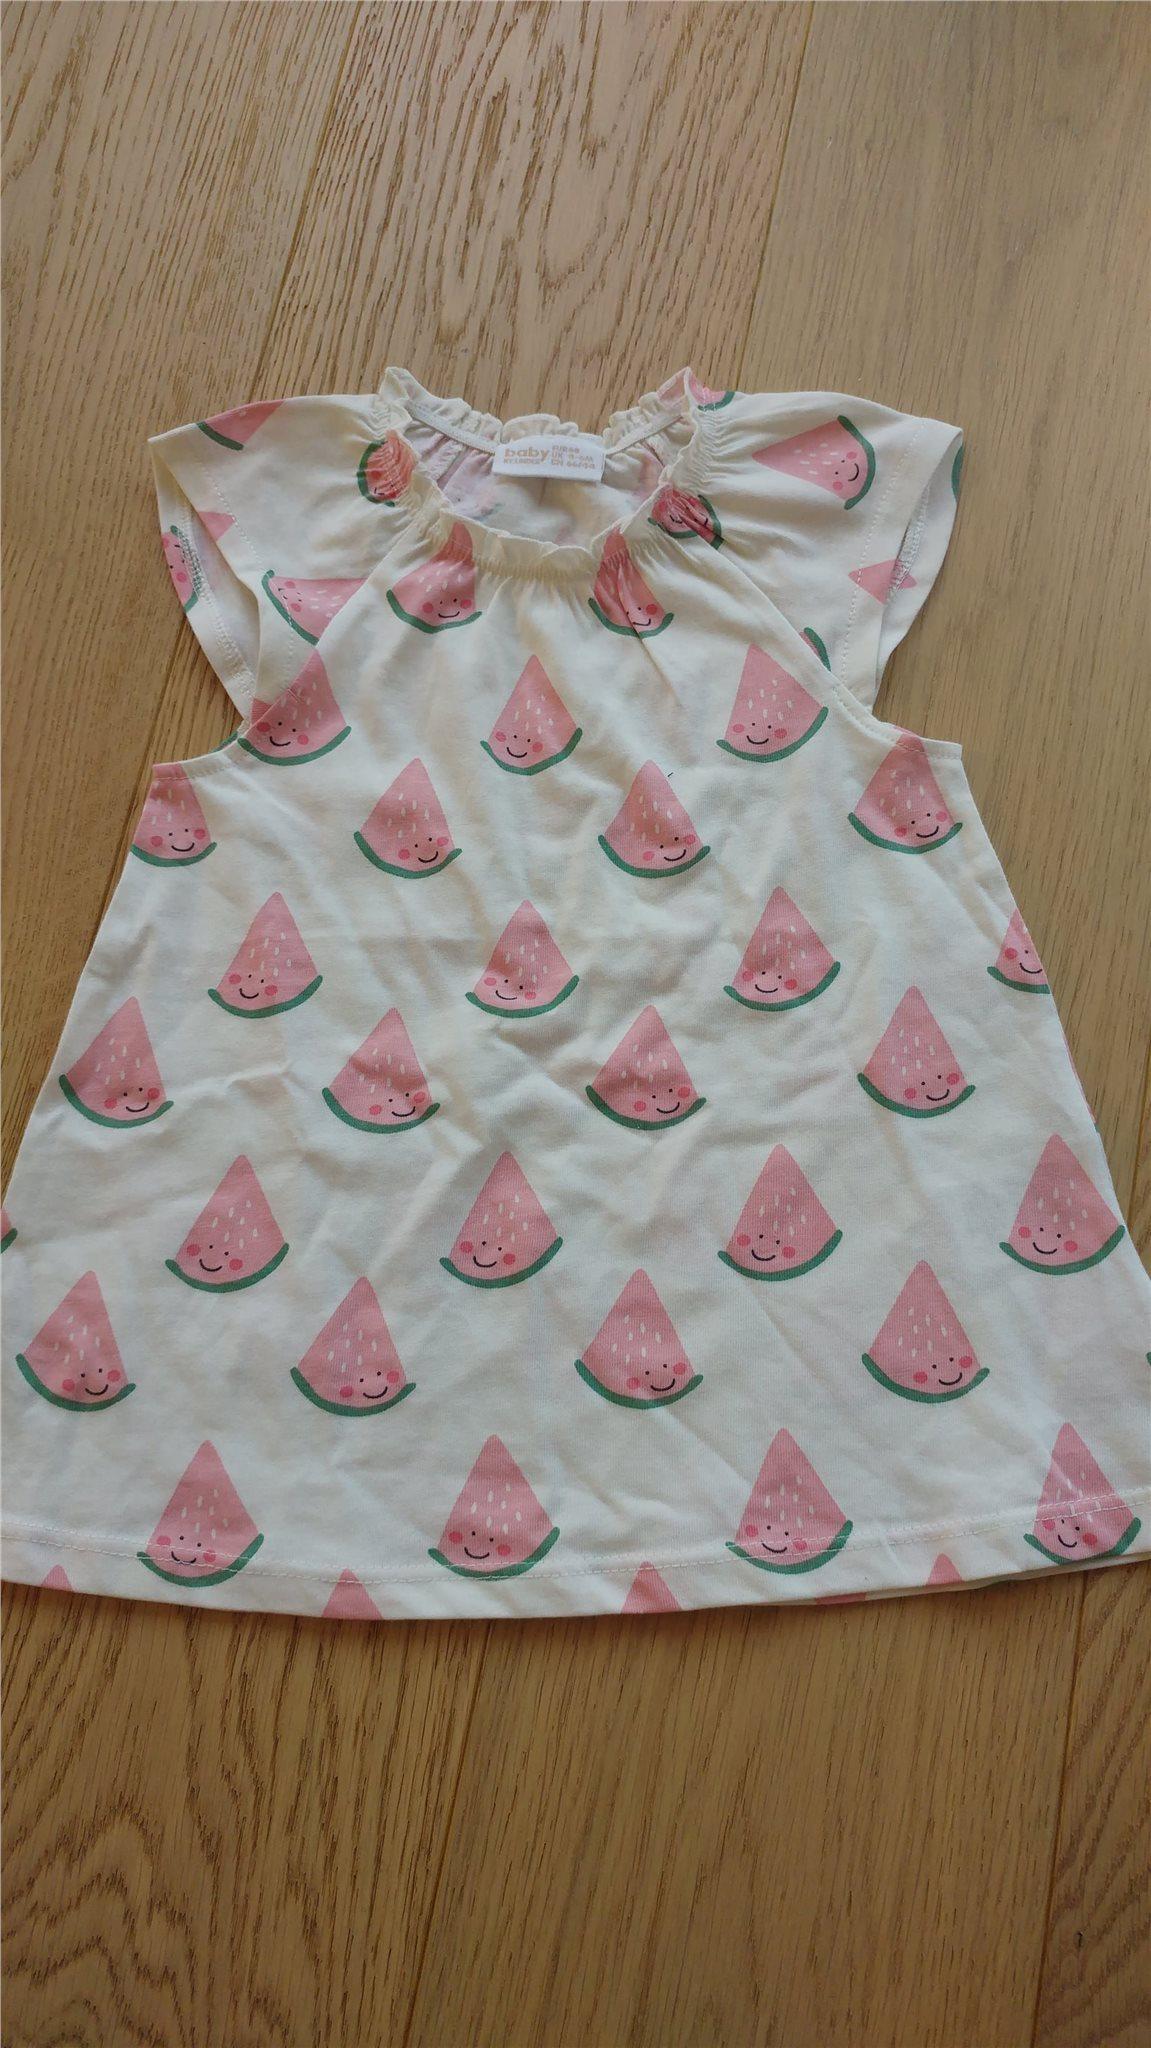 4199ae5c41a6 Ny barn tunika klänning vit melon Lindex storle.. (348176303) ᐈ Köp ...